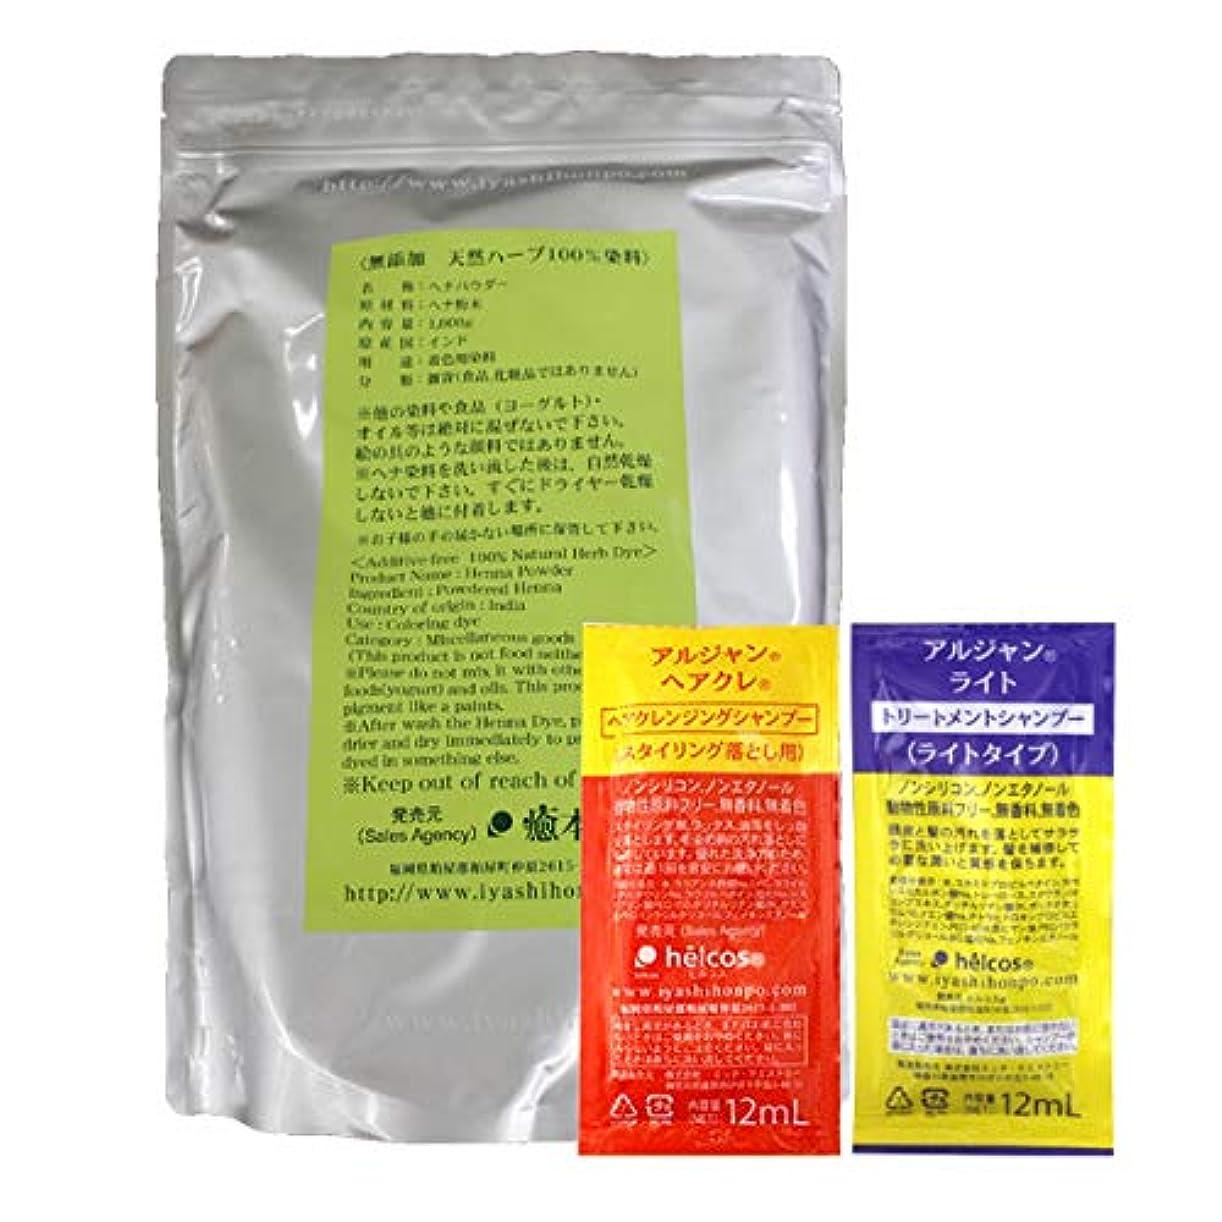 全体スリム仲良し白髪染め ヘナ(天然染料100%) 1,000g + シャンプー2種セット 癒本舗(ブラウン)